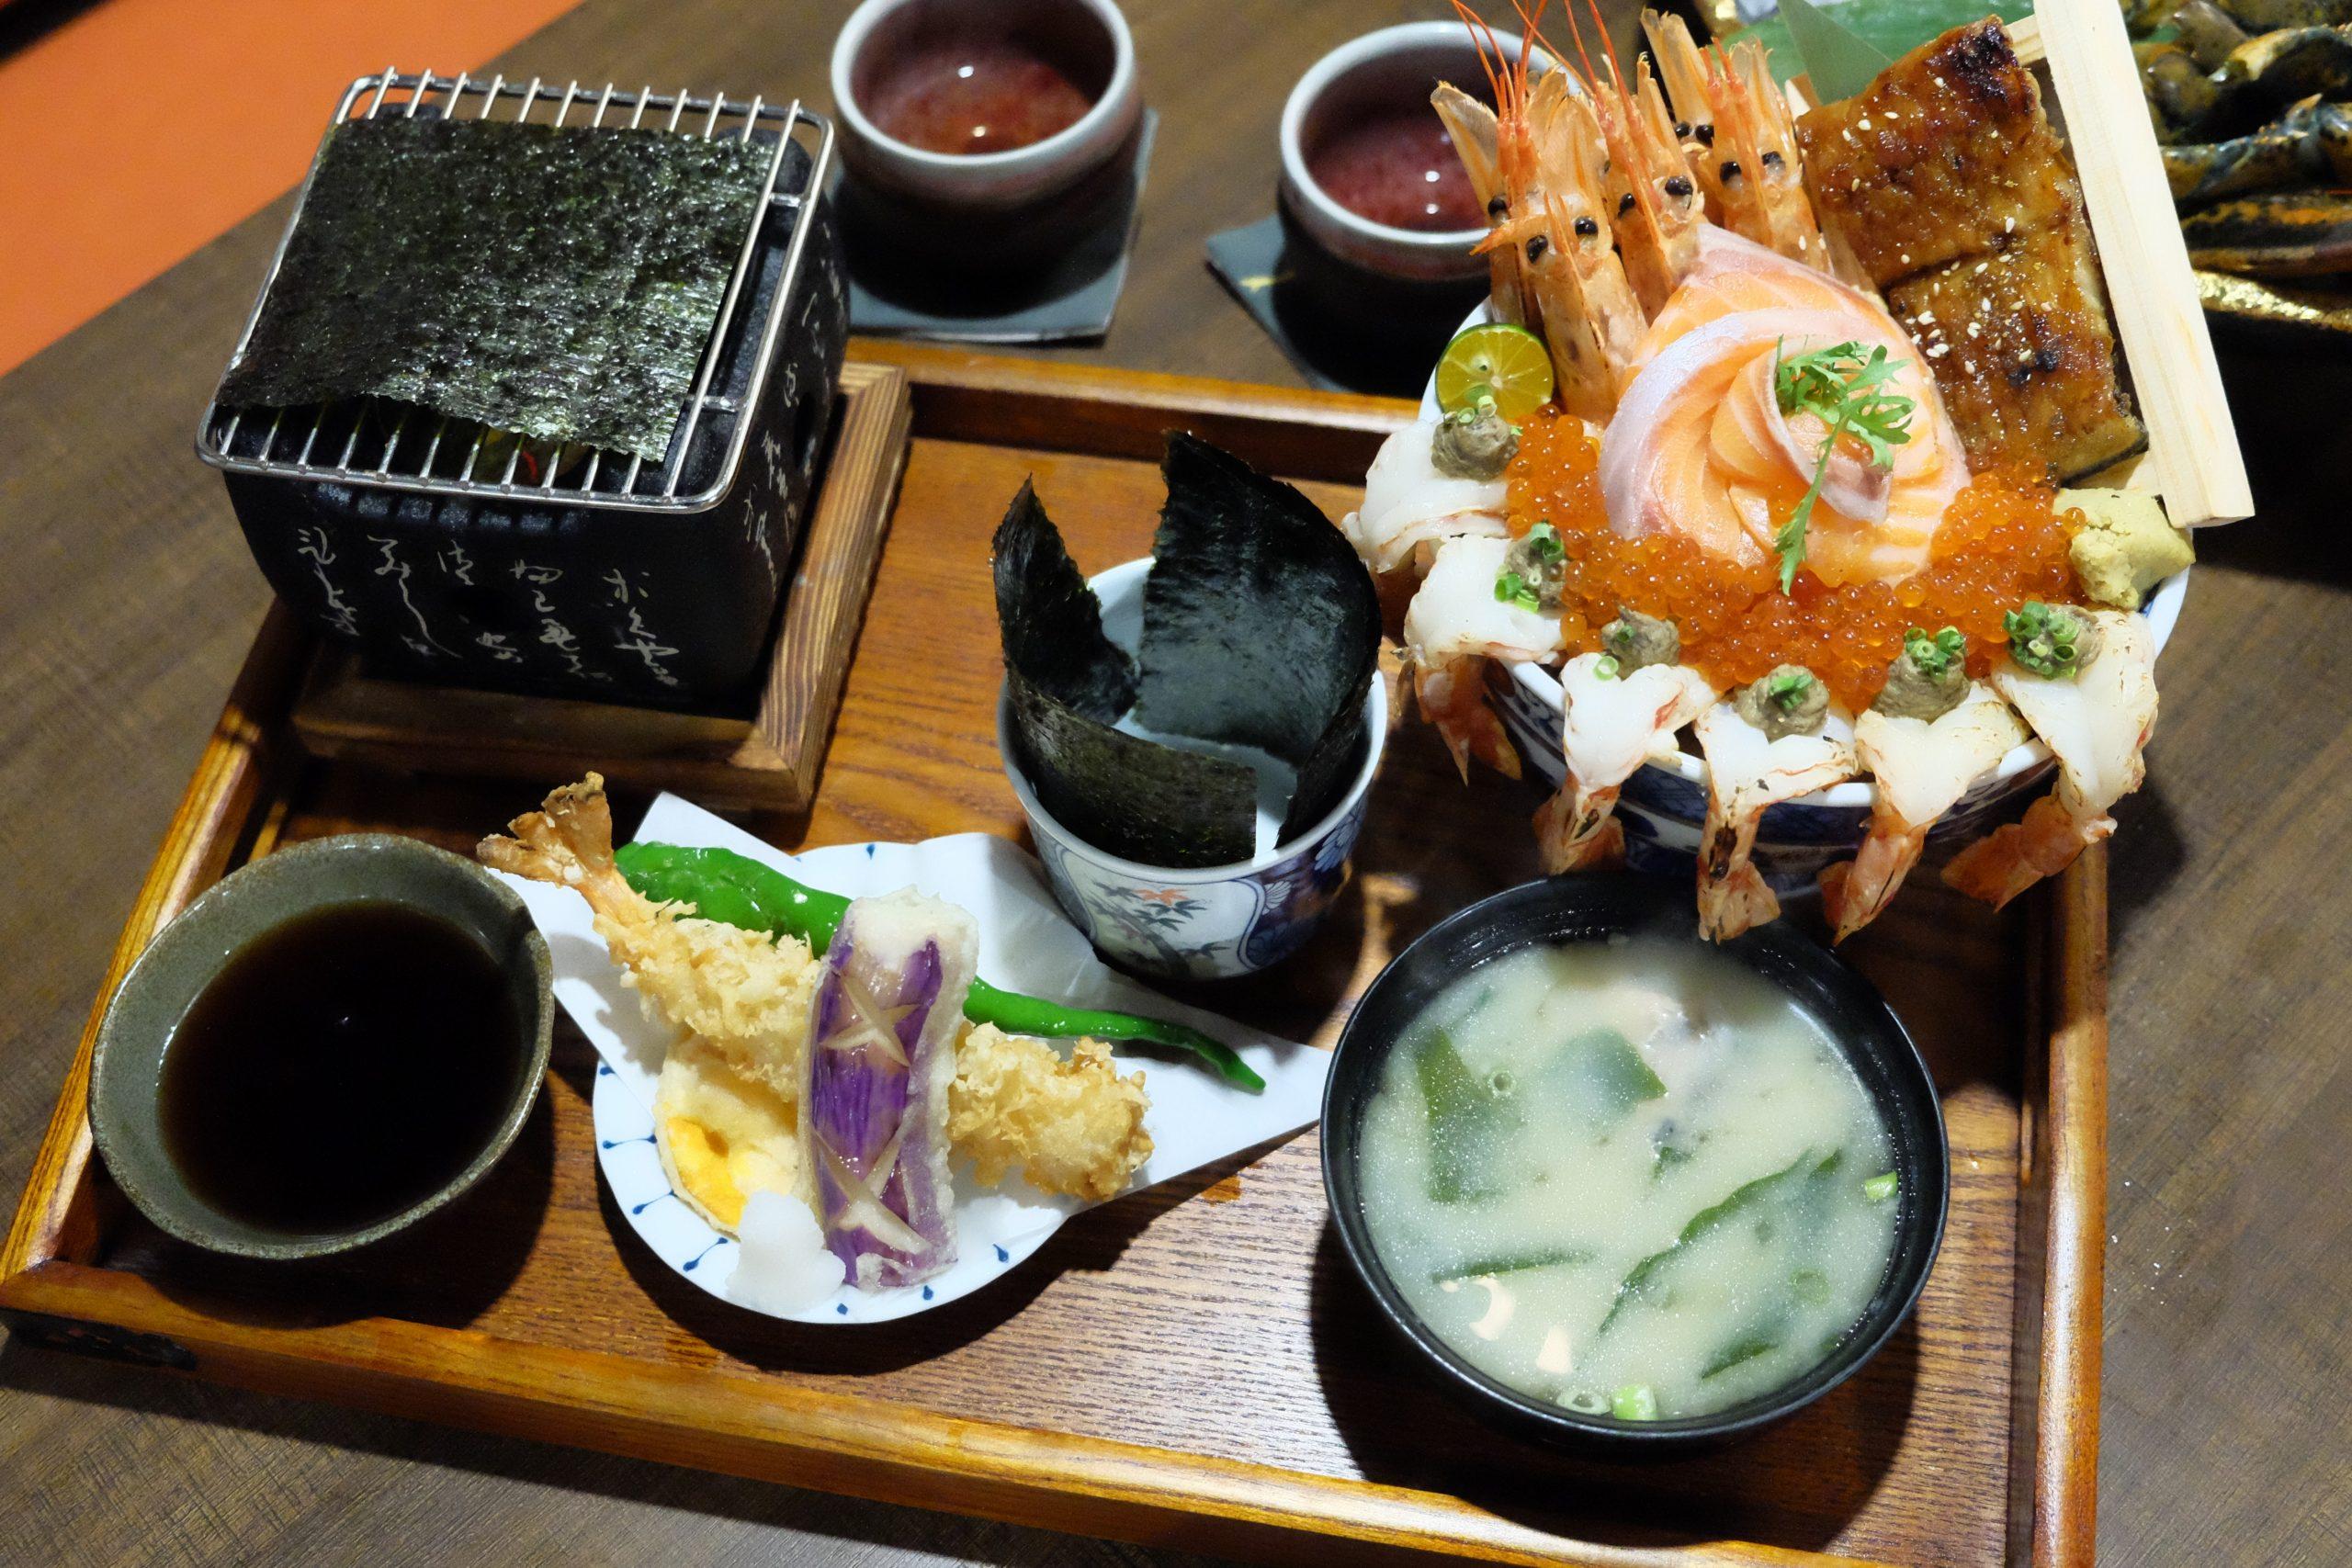 永樂饌:隱藏版相撲丼飯888元買一送一,新開幕日式概念海鮮料理 @飛天璇的口袋